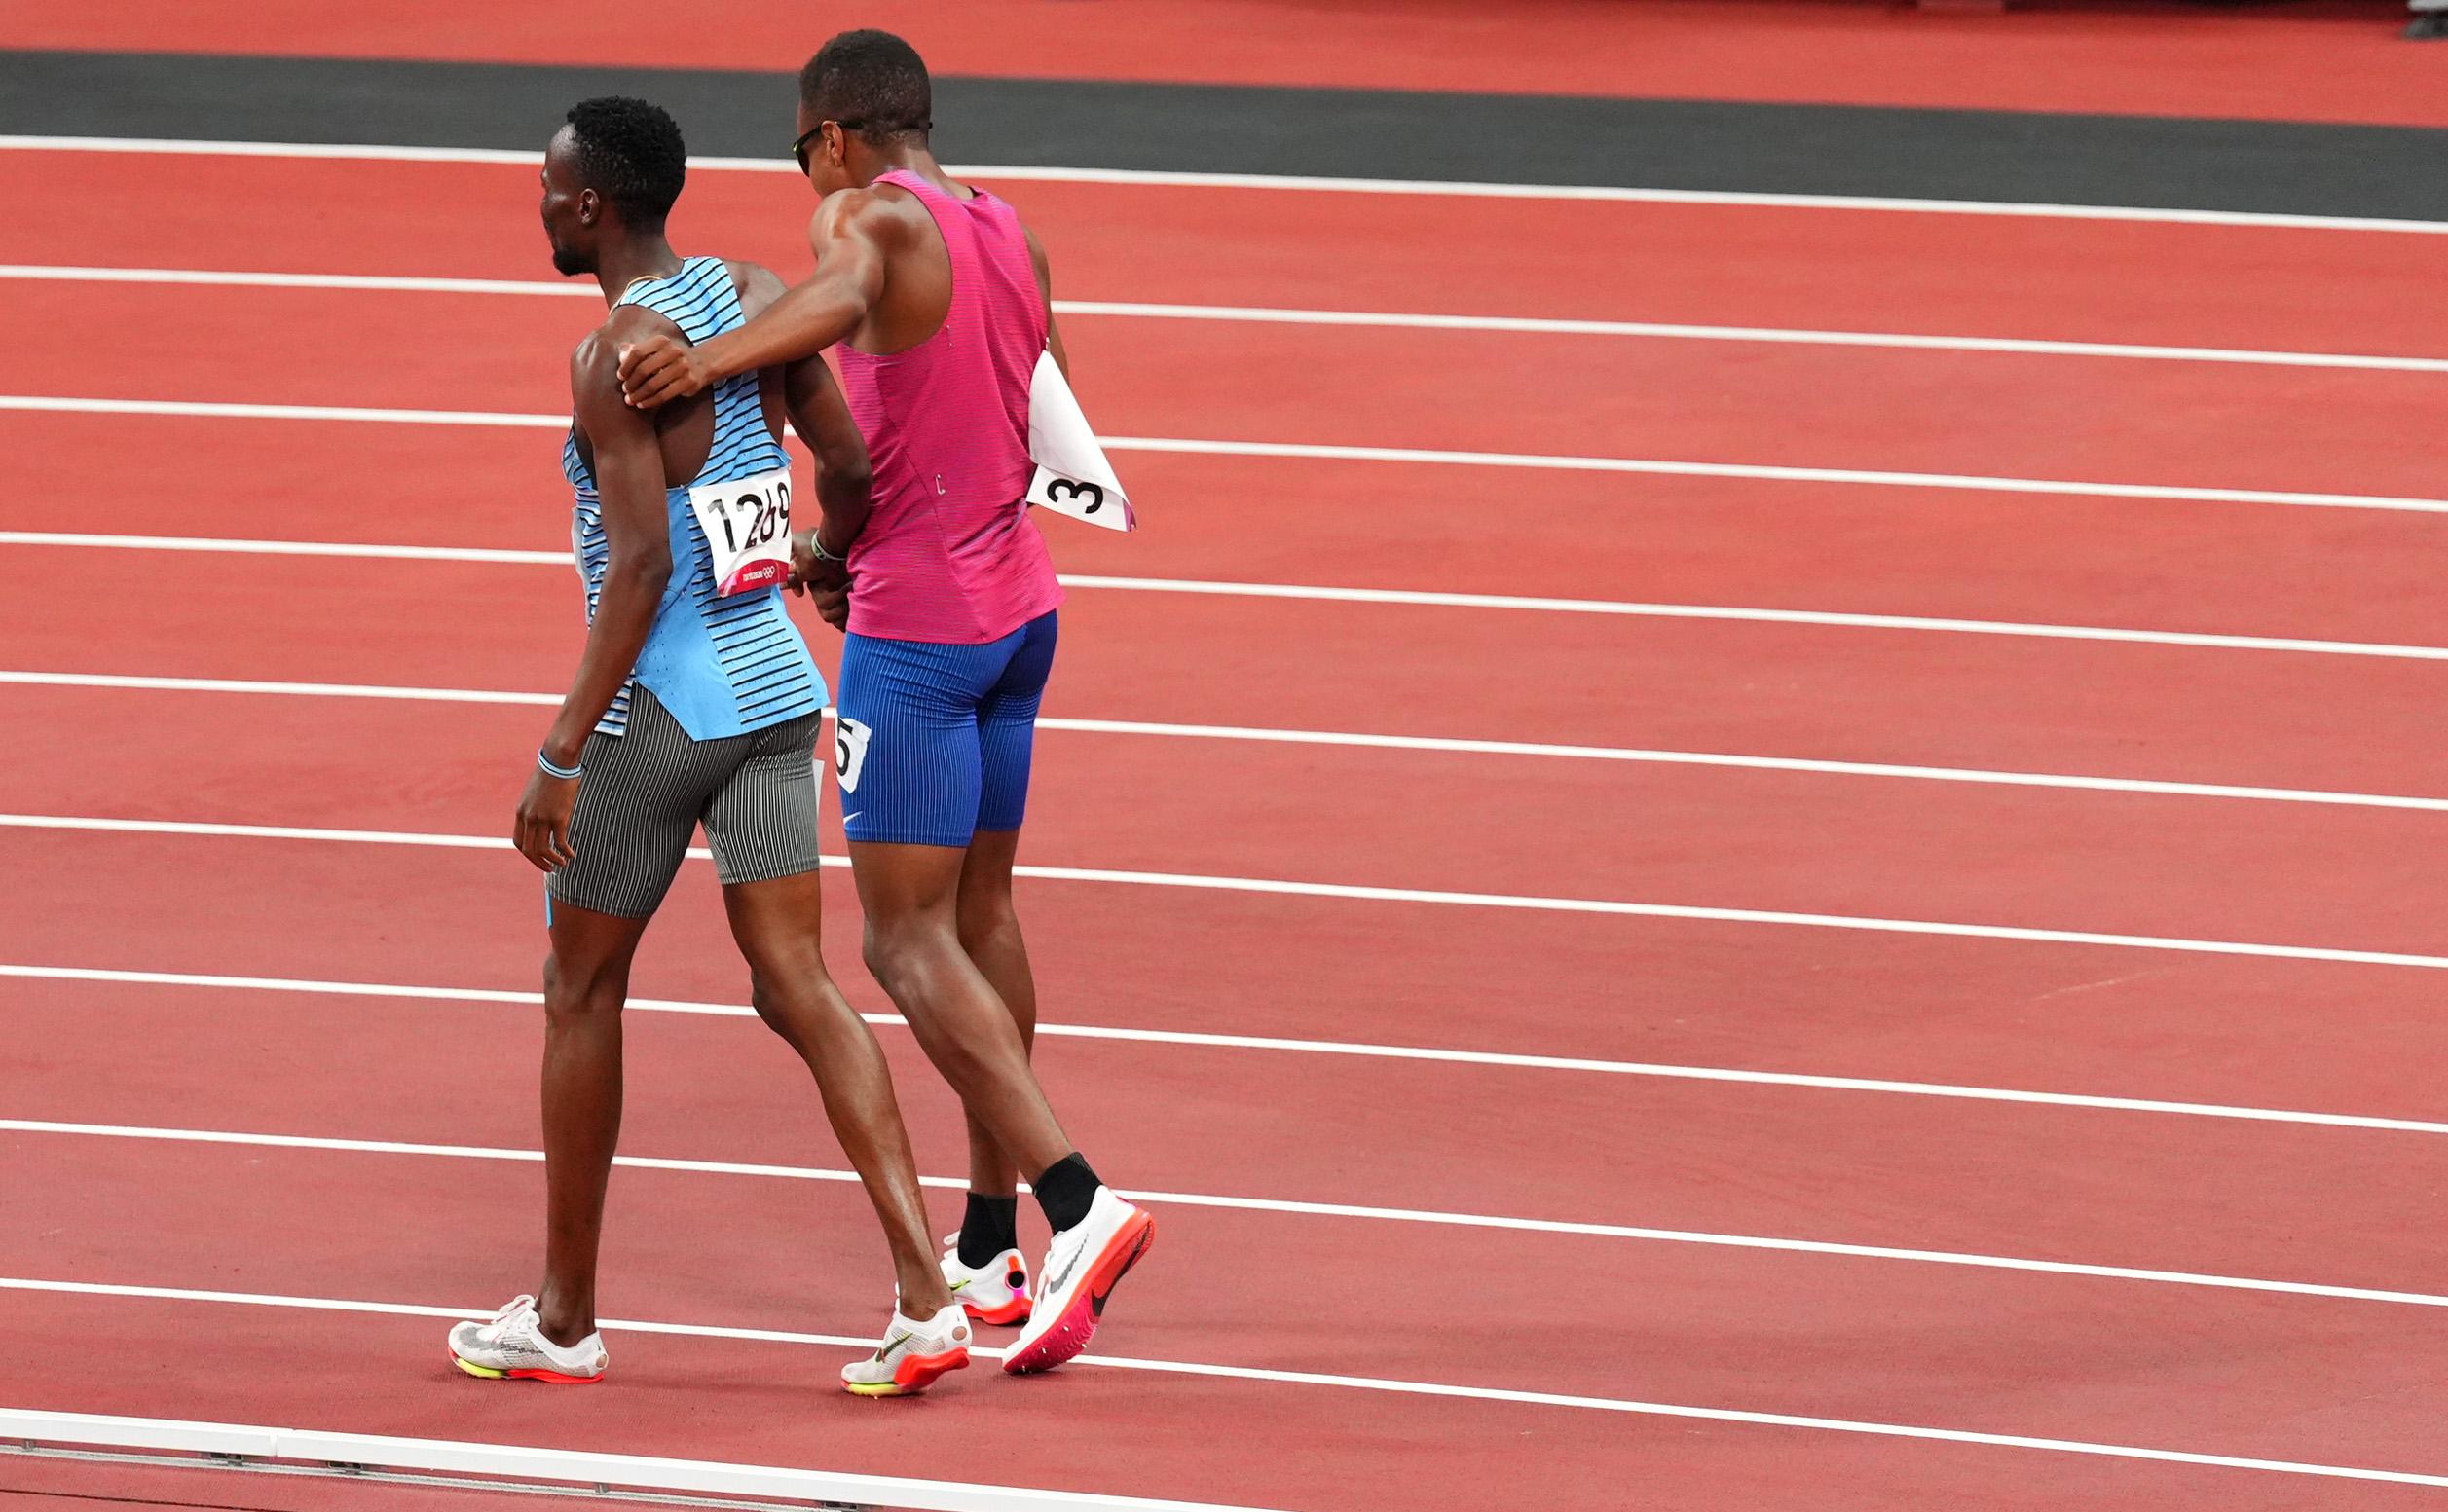 Ολυμπιακοί Αγώνες: Συγκρούστηκαν, έπεσαν, αγκαλιάστηκαν και τερμάτισαν μαζί – Τρομερές εικόνες στο Τόκιο